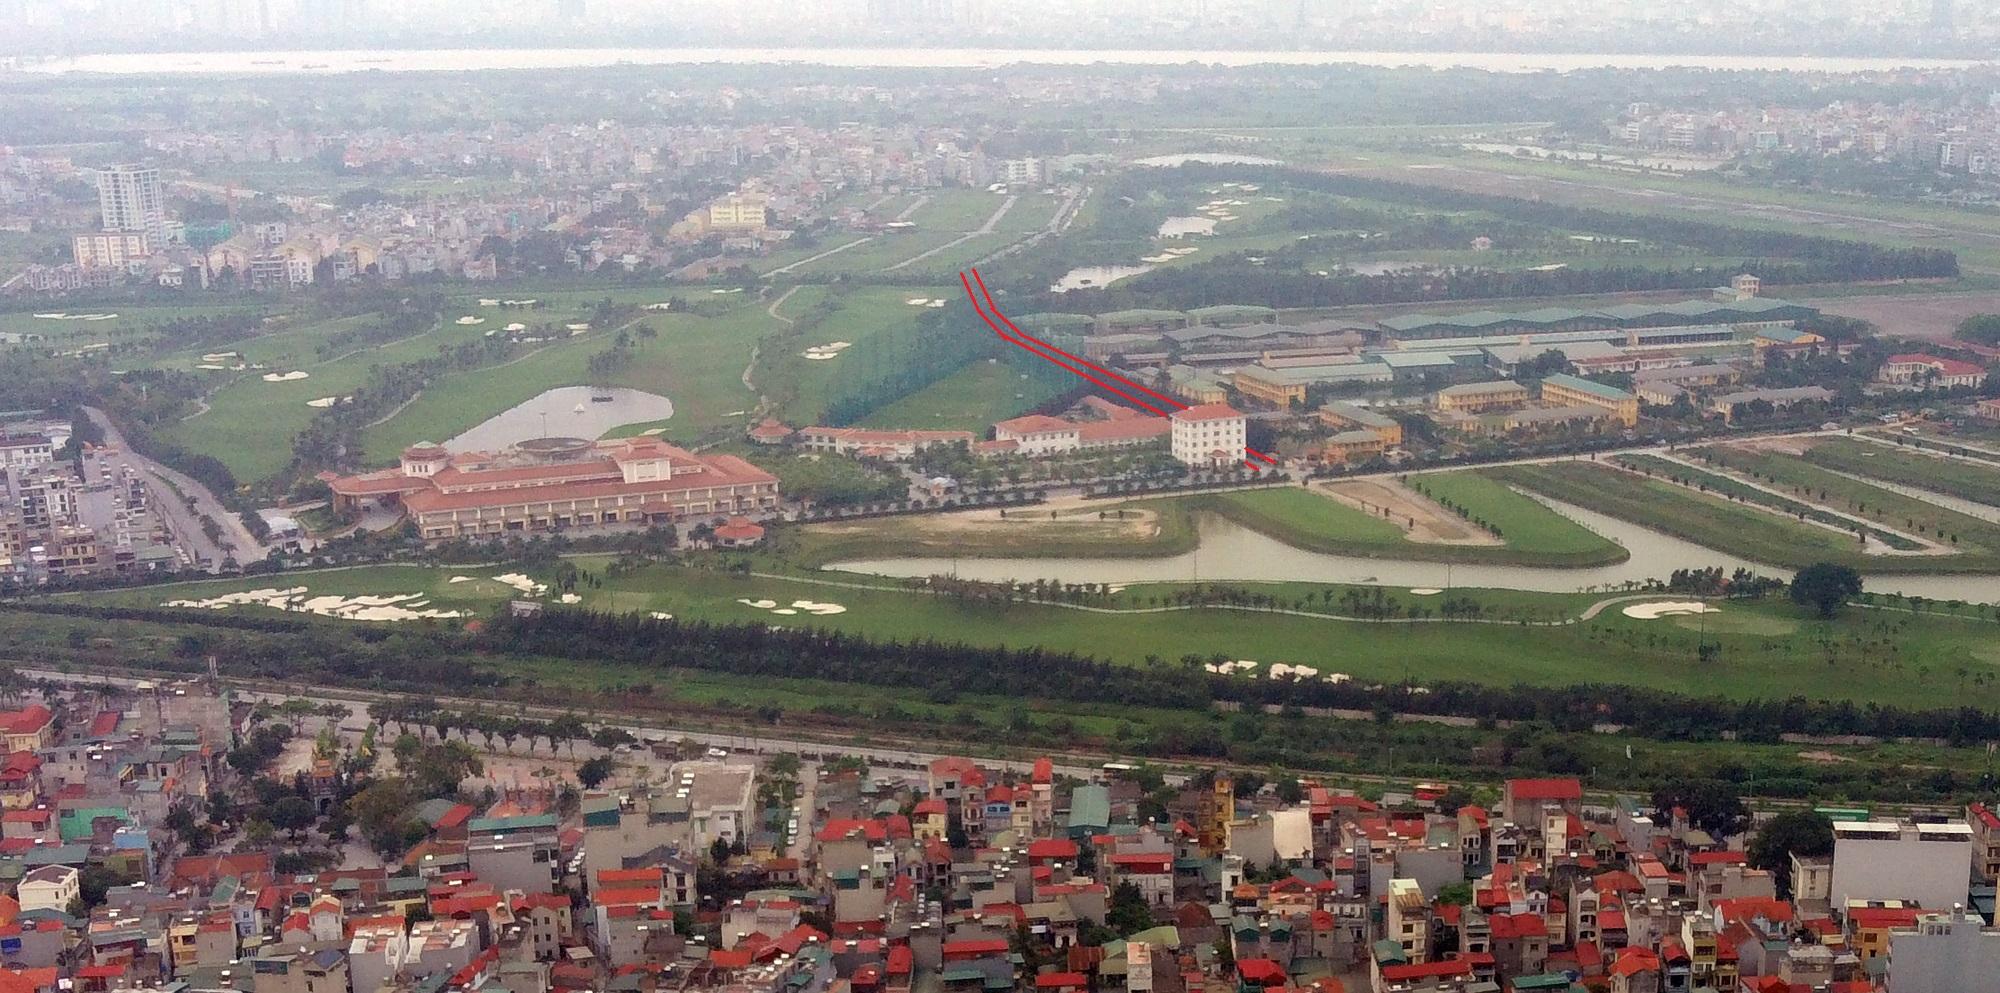 đường sẽ mở theo qui hoạch ở phường Phúc Đồng, Long Biên, Hà Nội - Ảnh 8.